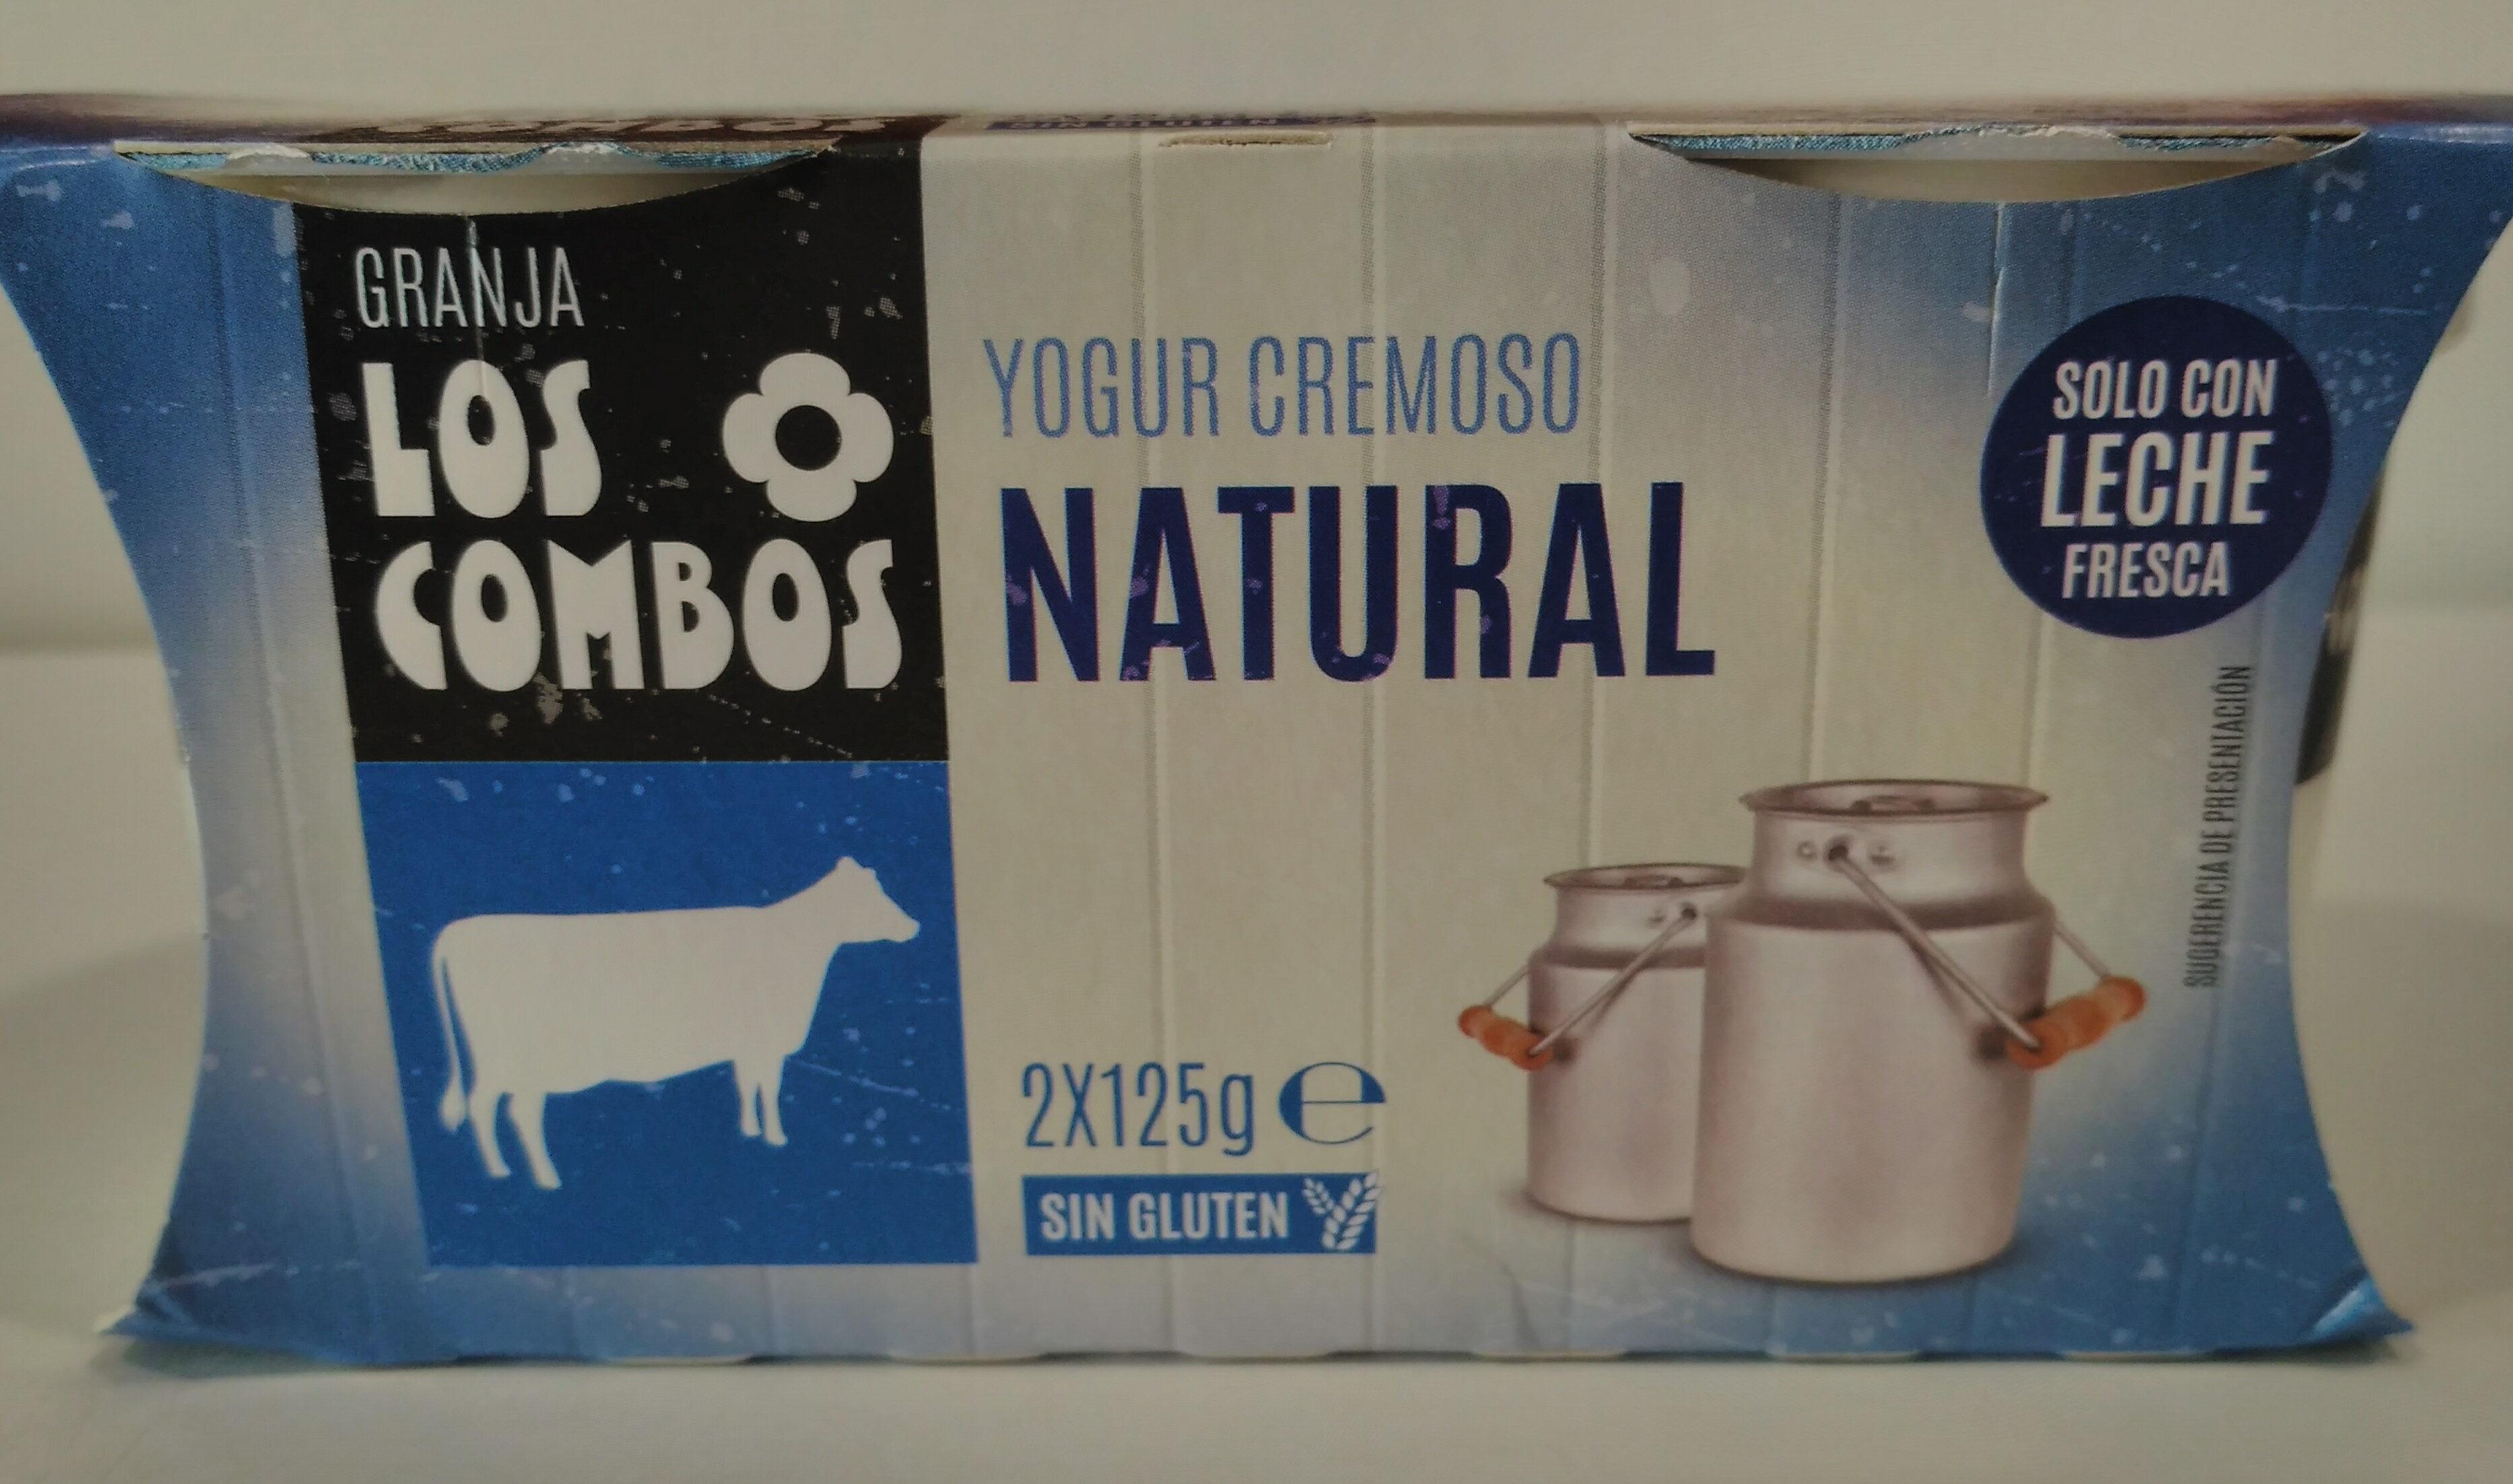 Yogur cremoso natural - Producto - es